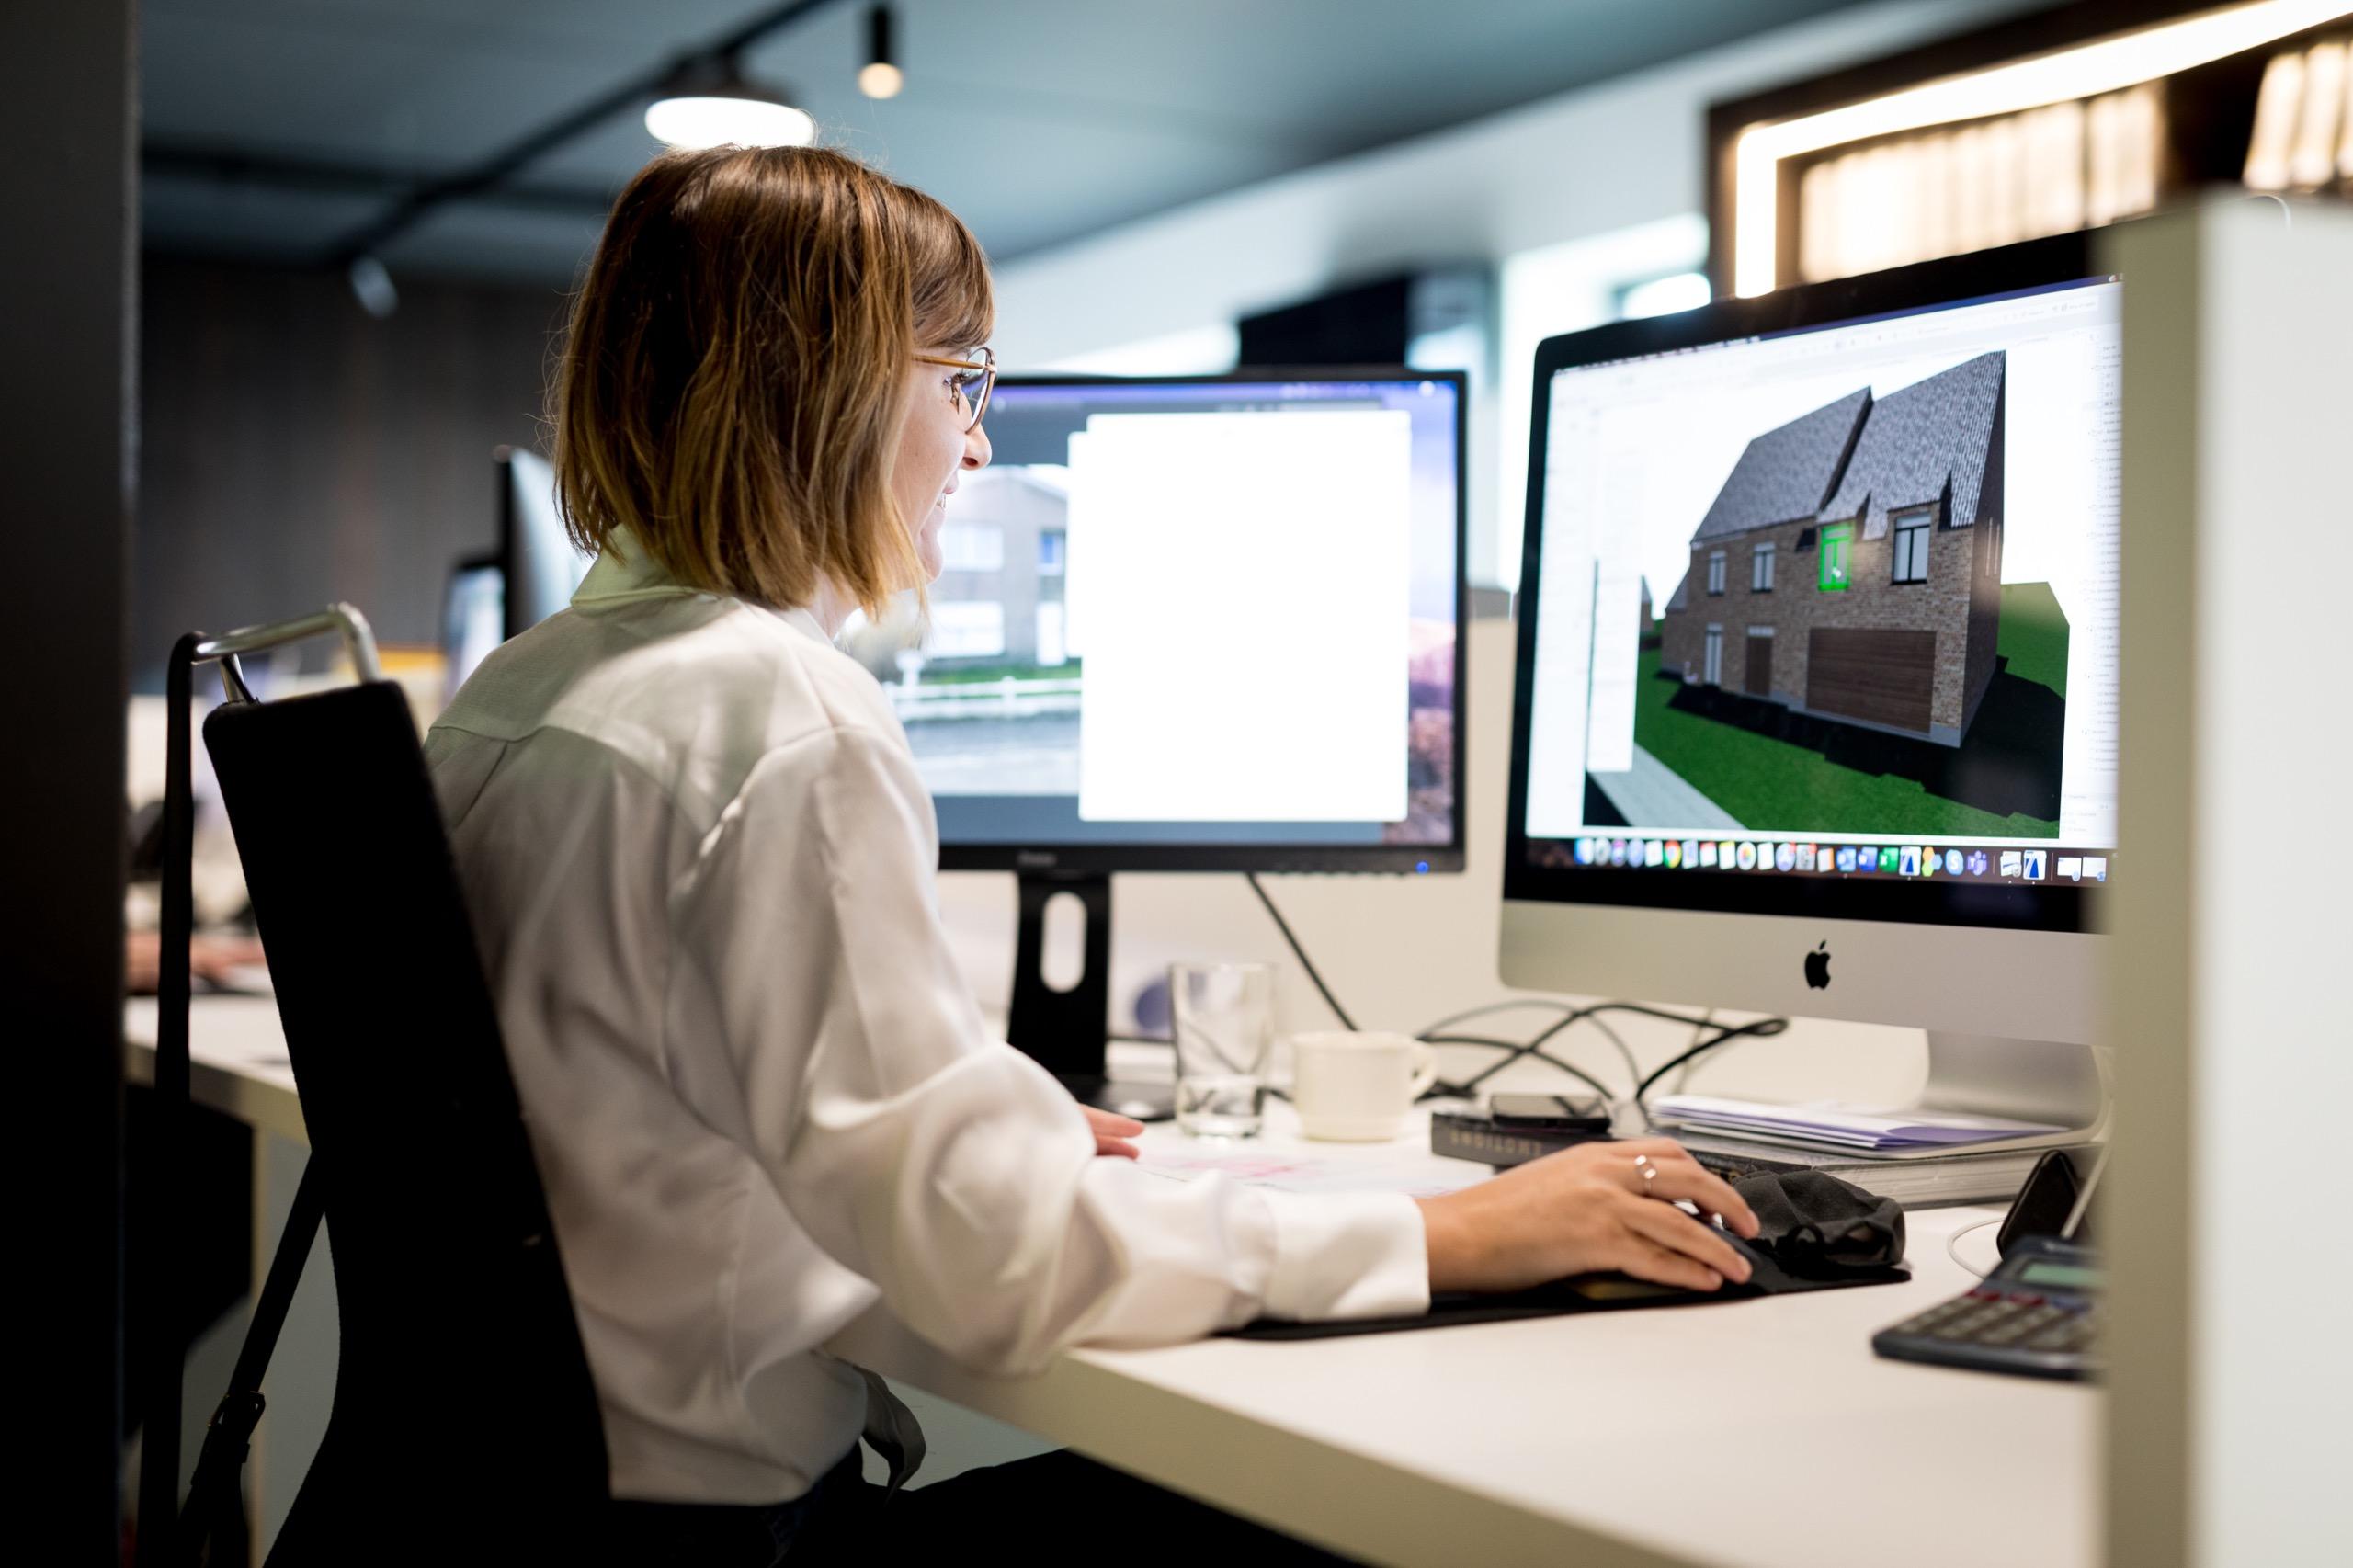 Flore is een ontwerp aan het maken voor een modern-hedendaagse woning